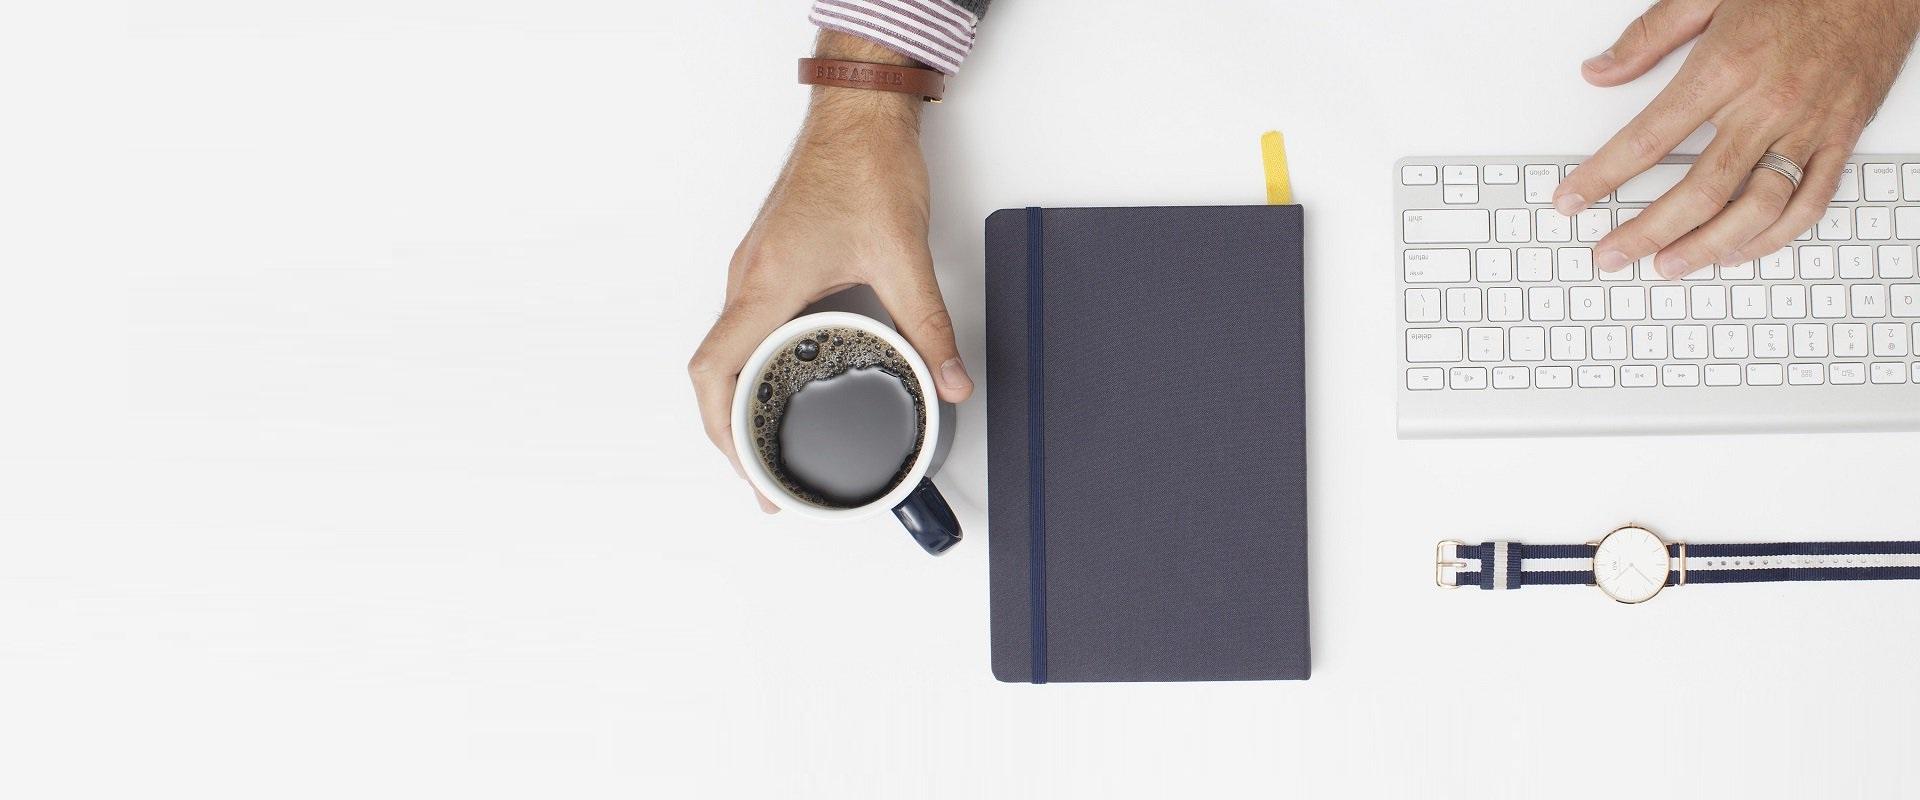 Kalıcı bağlantı: Gerçek Diyetisyenler Sitesi'nde siz de uzman yazar olun!